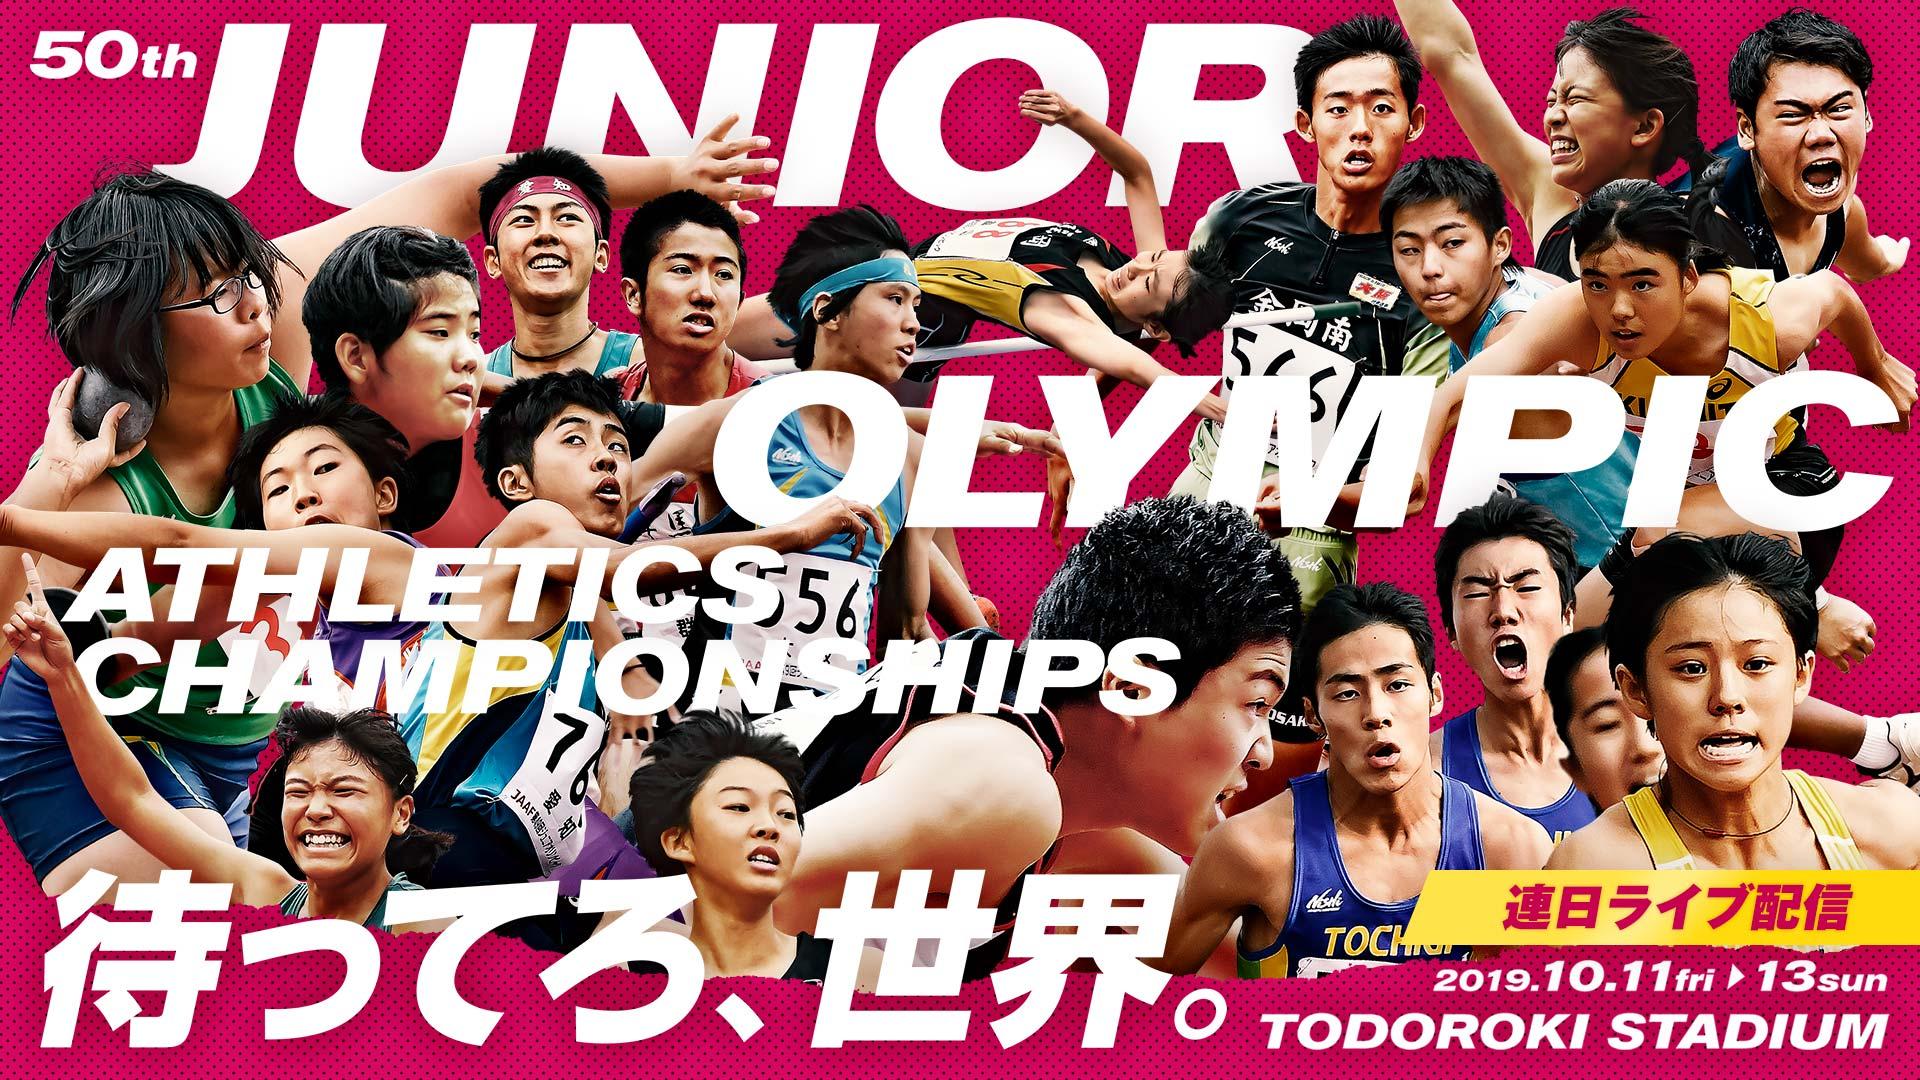 陸上 2019 オリンピック ジュニア JOCジュニアオリンピックカップ全国中学生陸上競技大会2020に出場します!